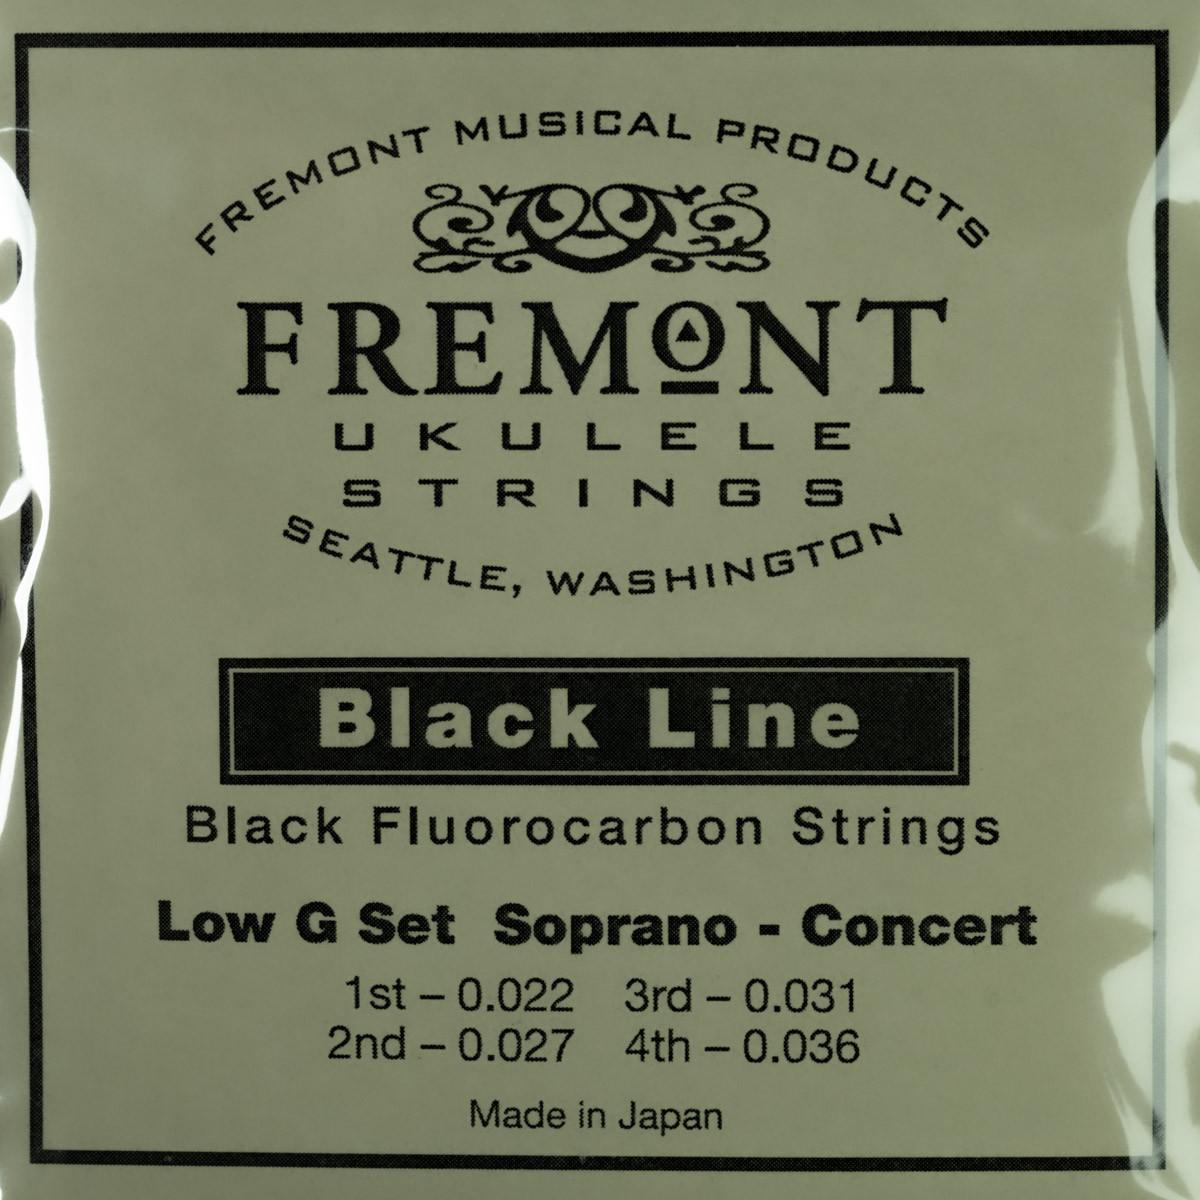 Fremont Ukulele Strings - Black Line Low G Set Soprano - Concert Set